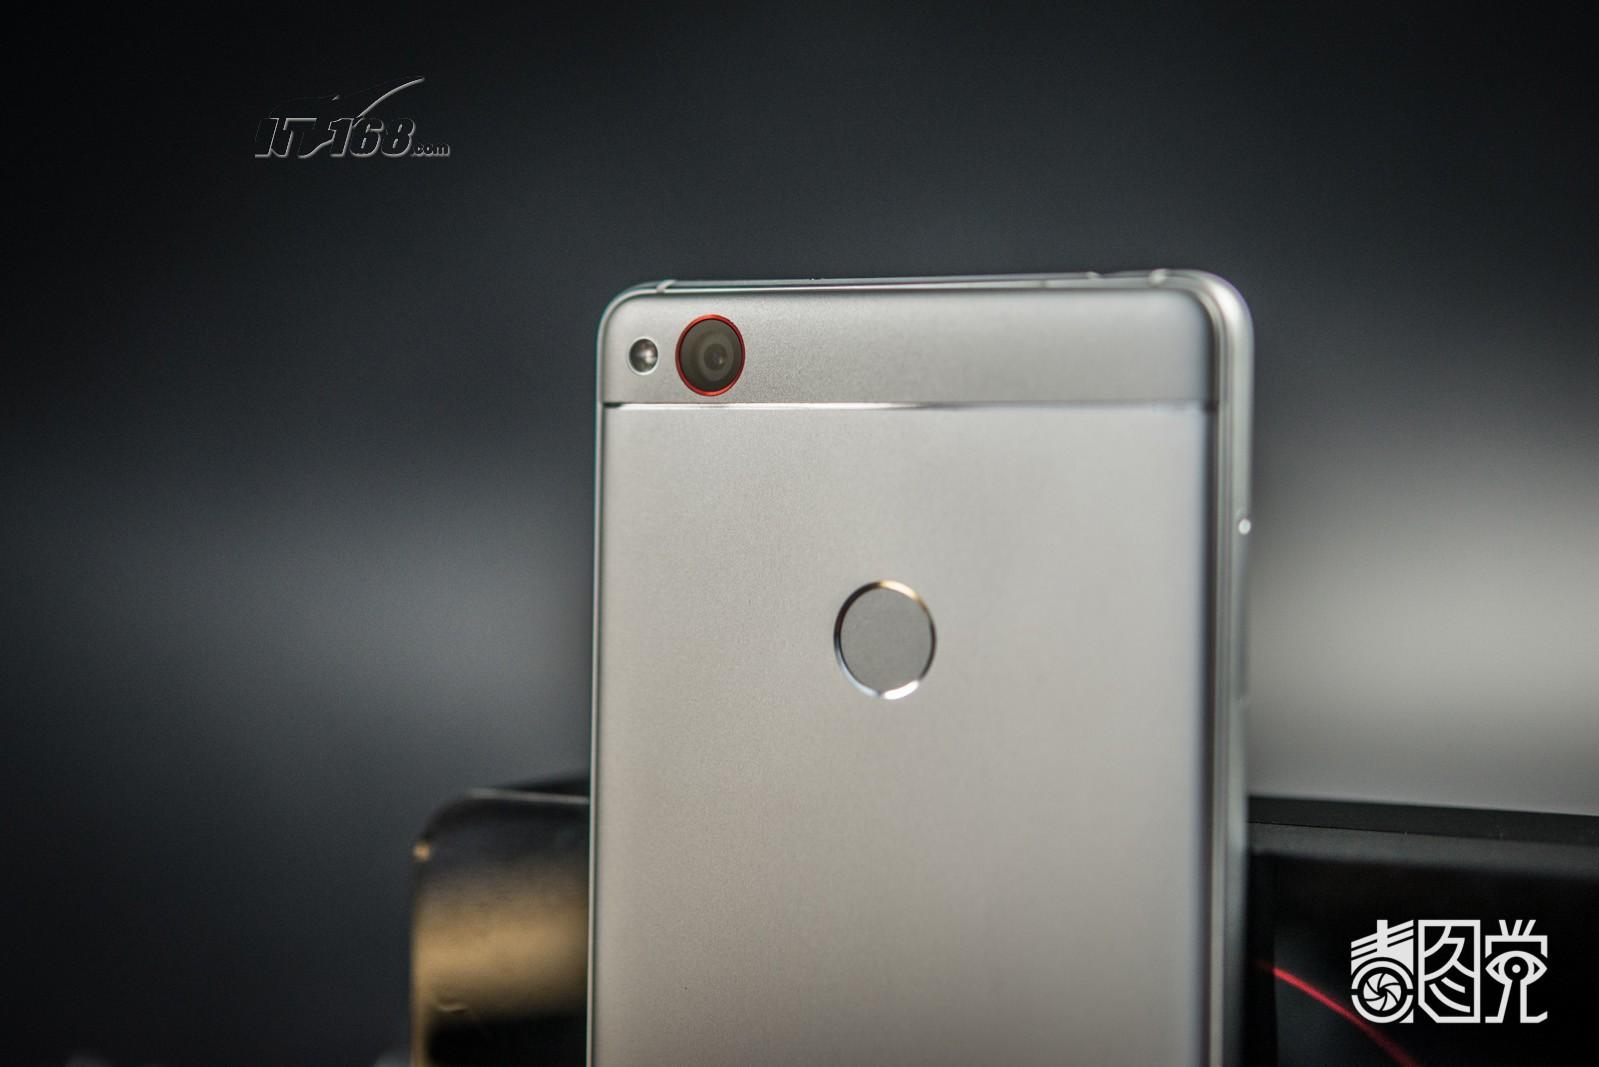 努比亚z11 白金版场景图片15素材-it168手机图片大全